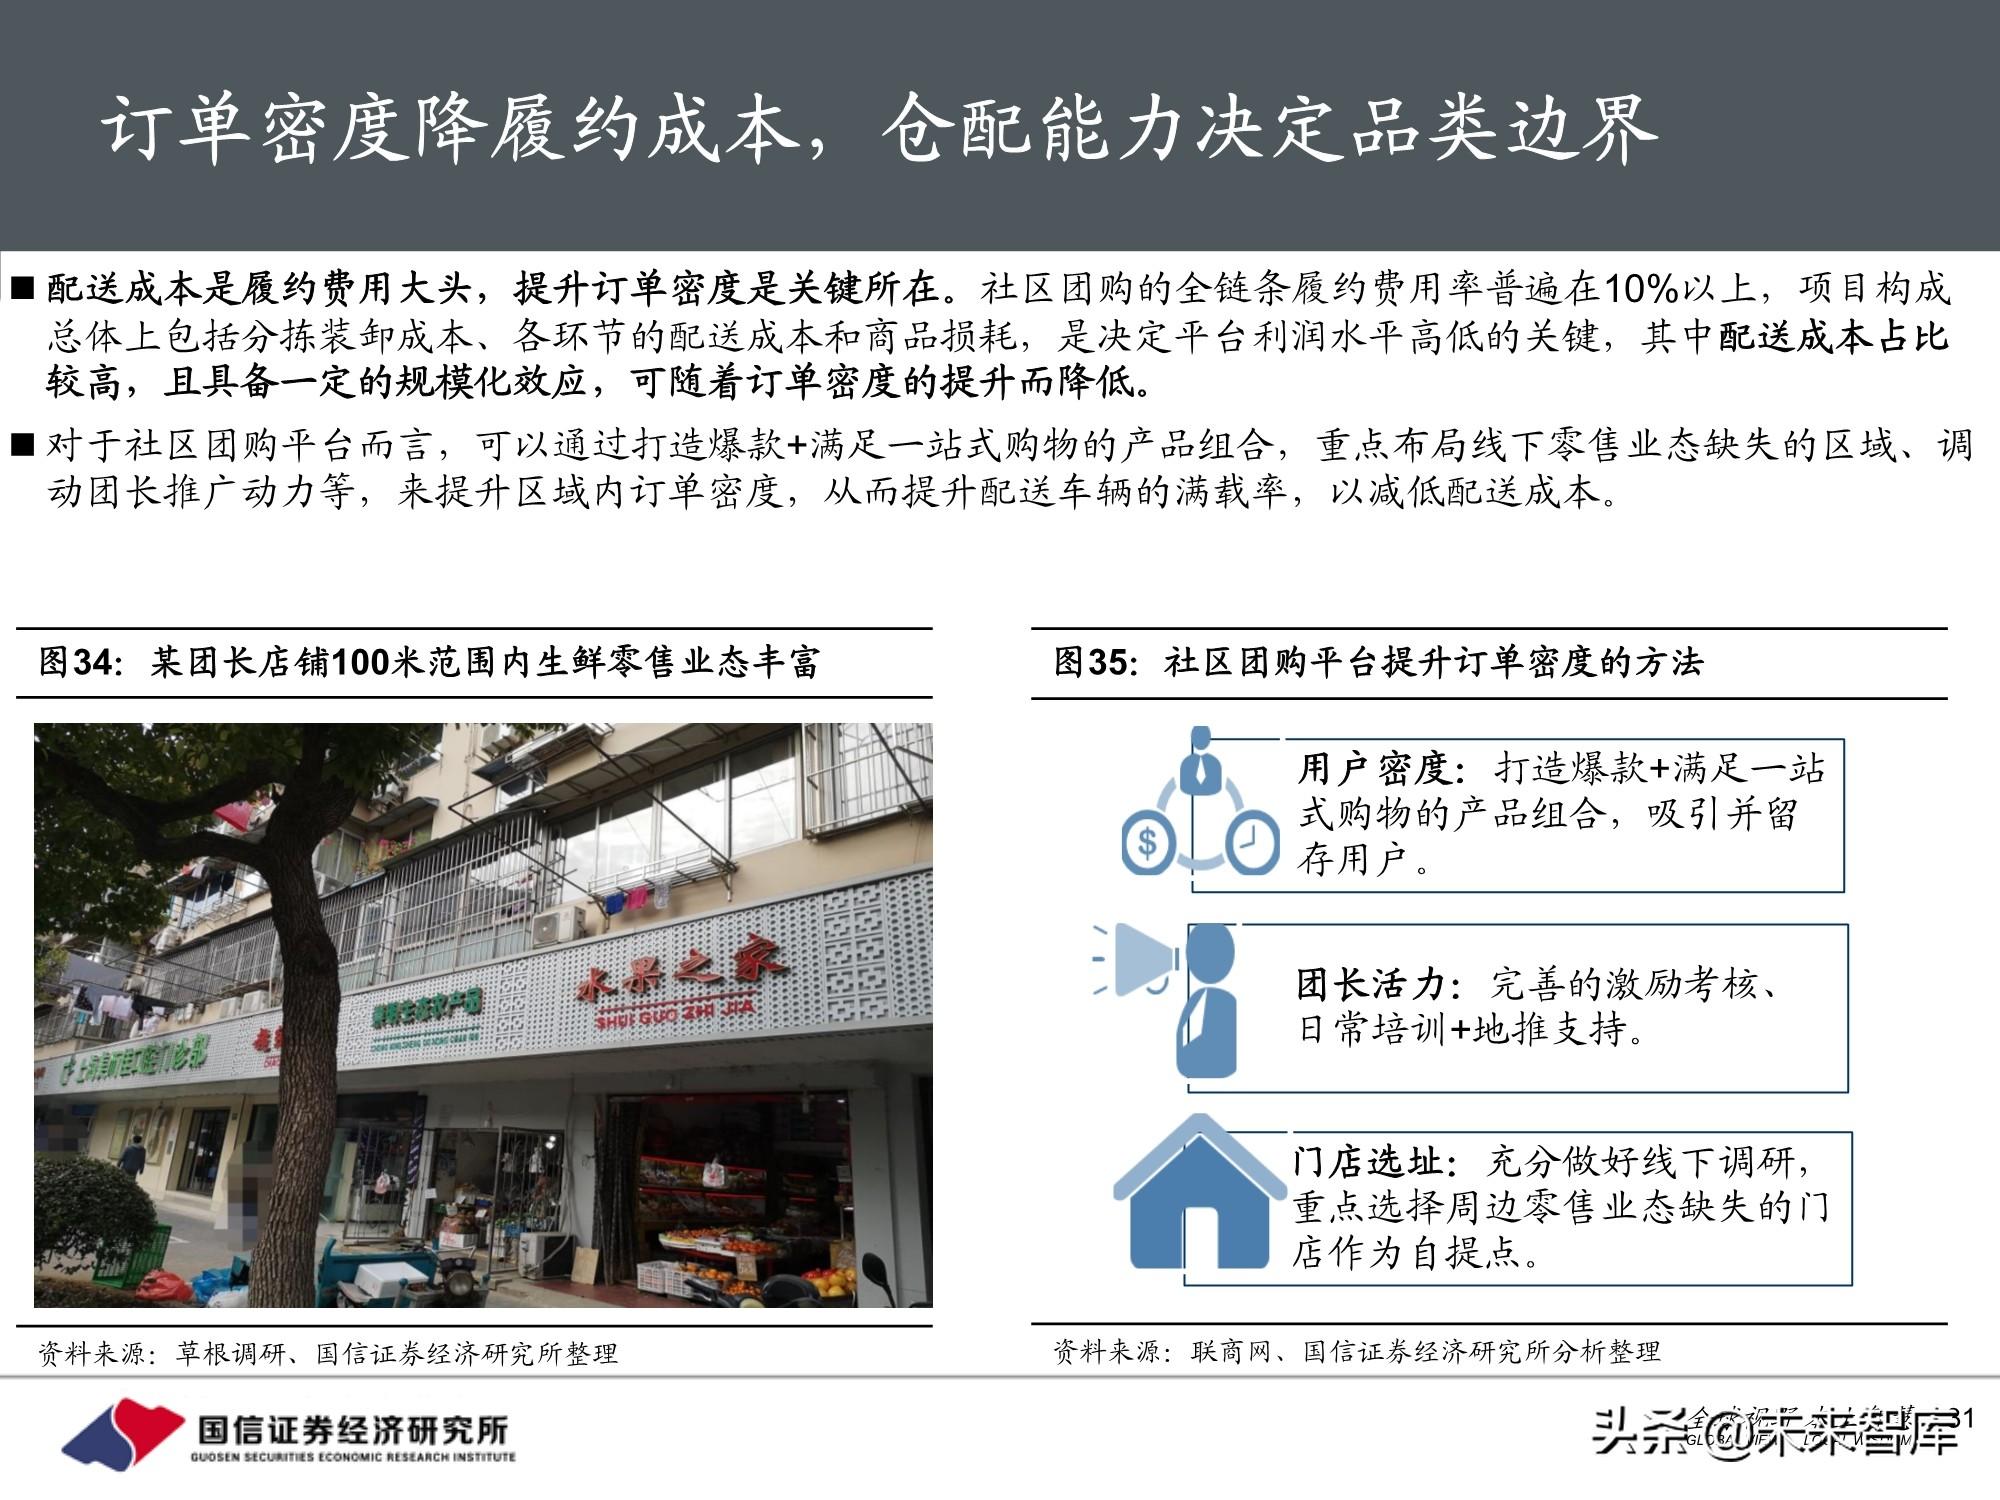 社区团购专题报告:围绕消费者运营,紧抓供应链胜负手